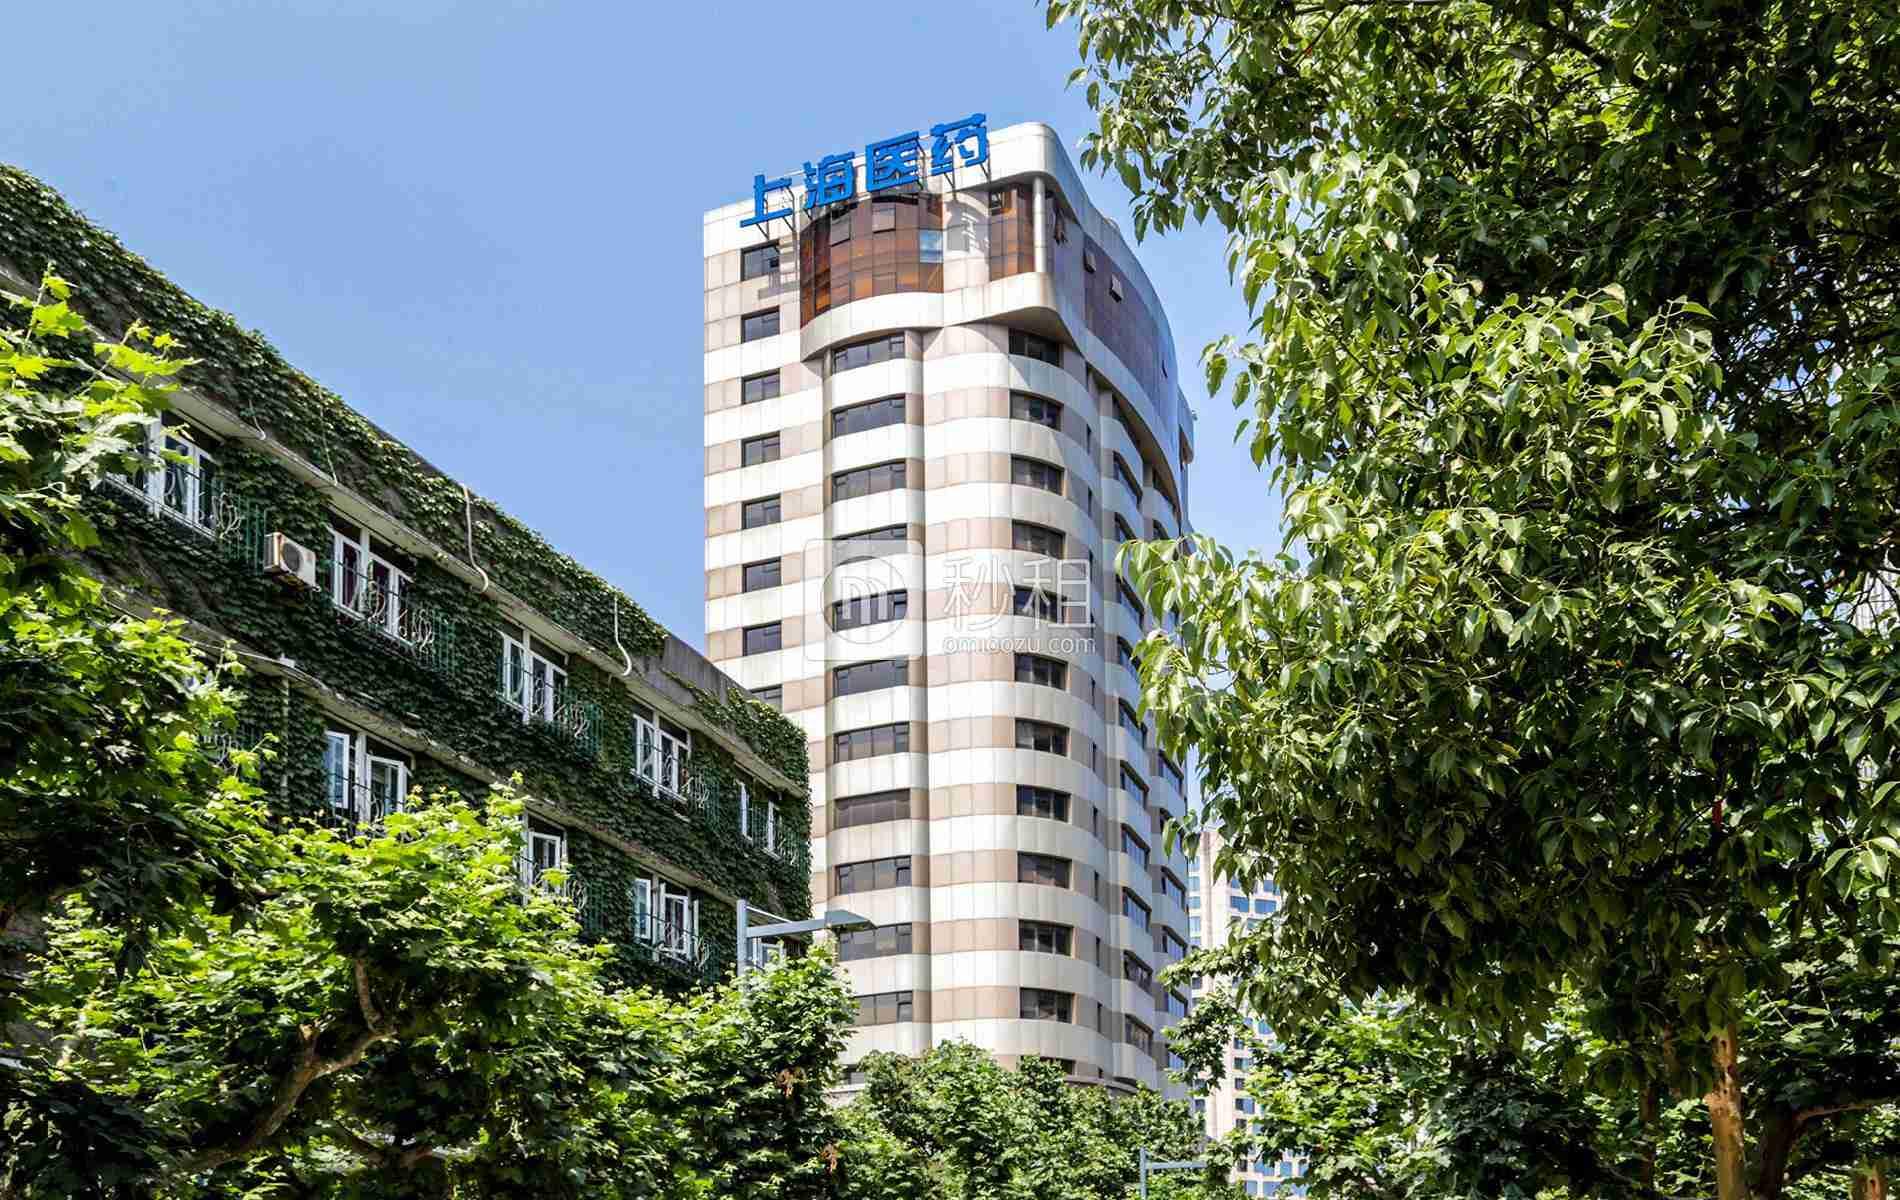 上海医药大厦写字楼出租/招租/租赁,上海医药大厦办公室出租/招租/租赁